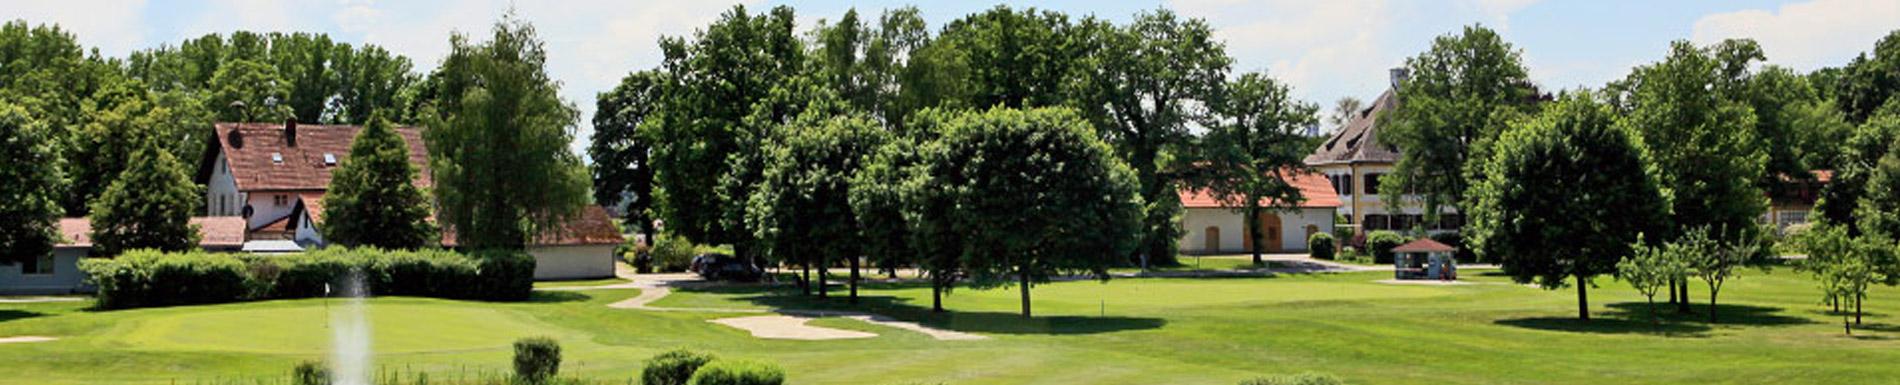 Golfclub Altötting-Burghausen